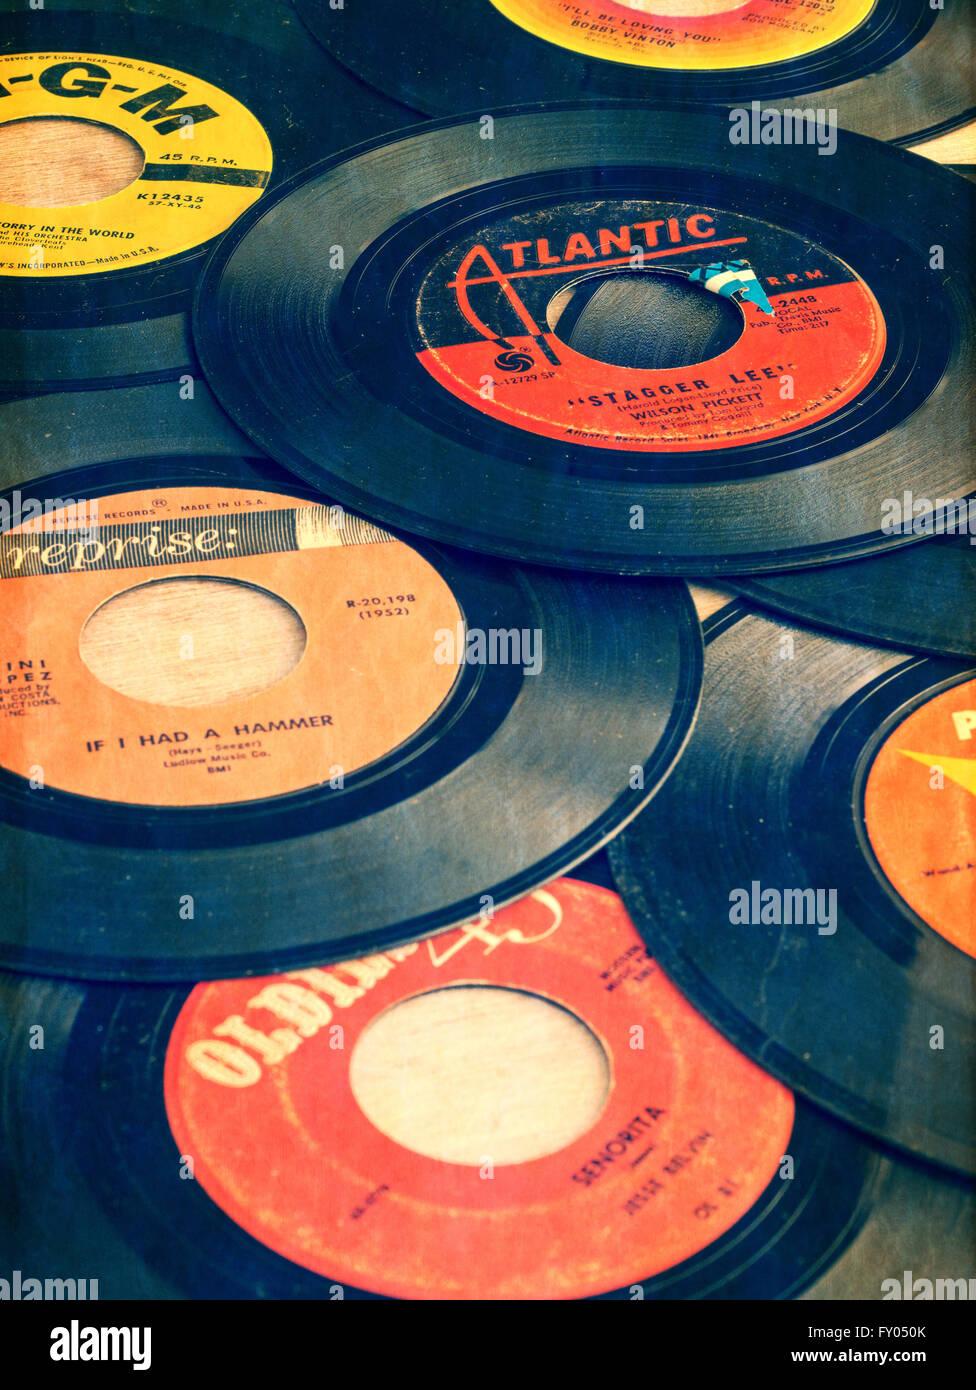 Vecchio vinil 45s fin dai primi giorni di Rock and Roll music. Immagini Stock